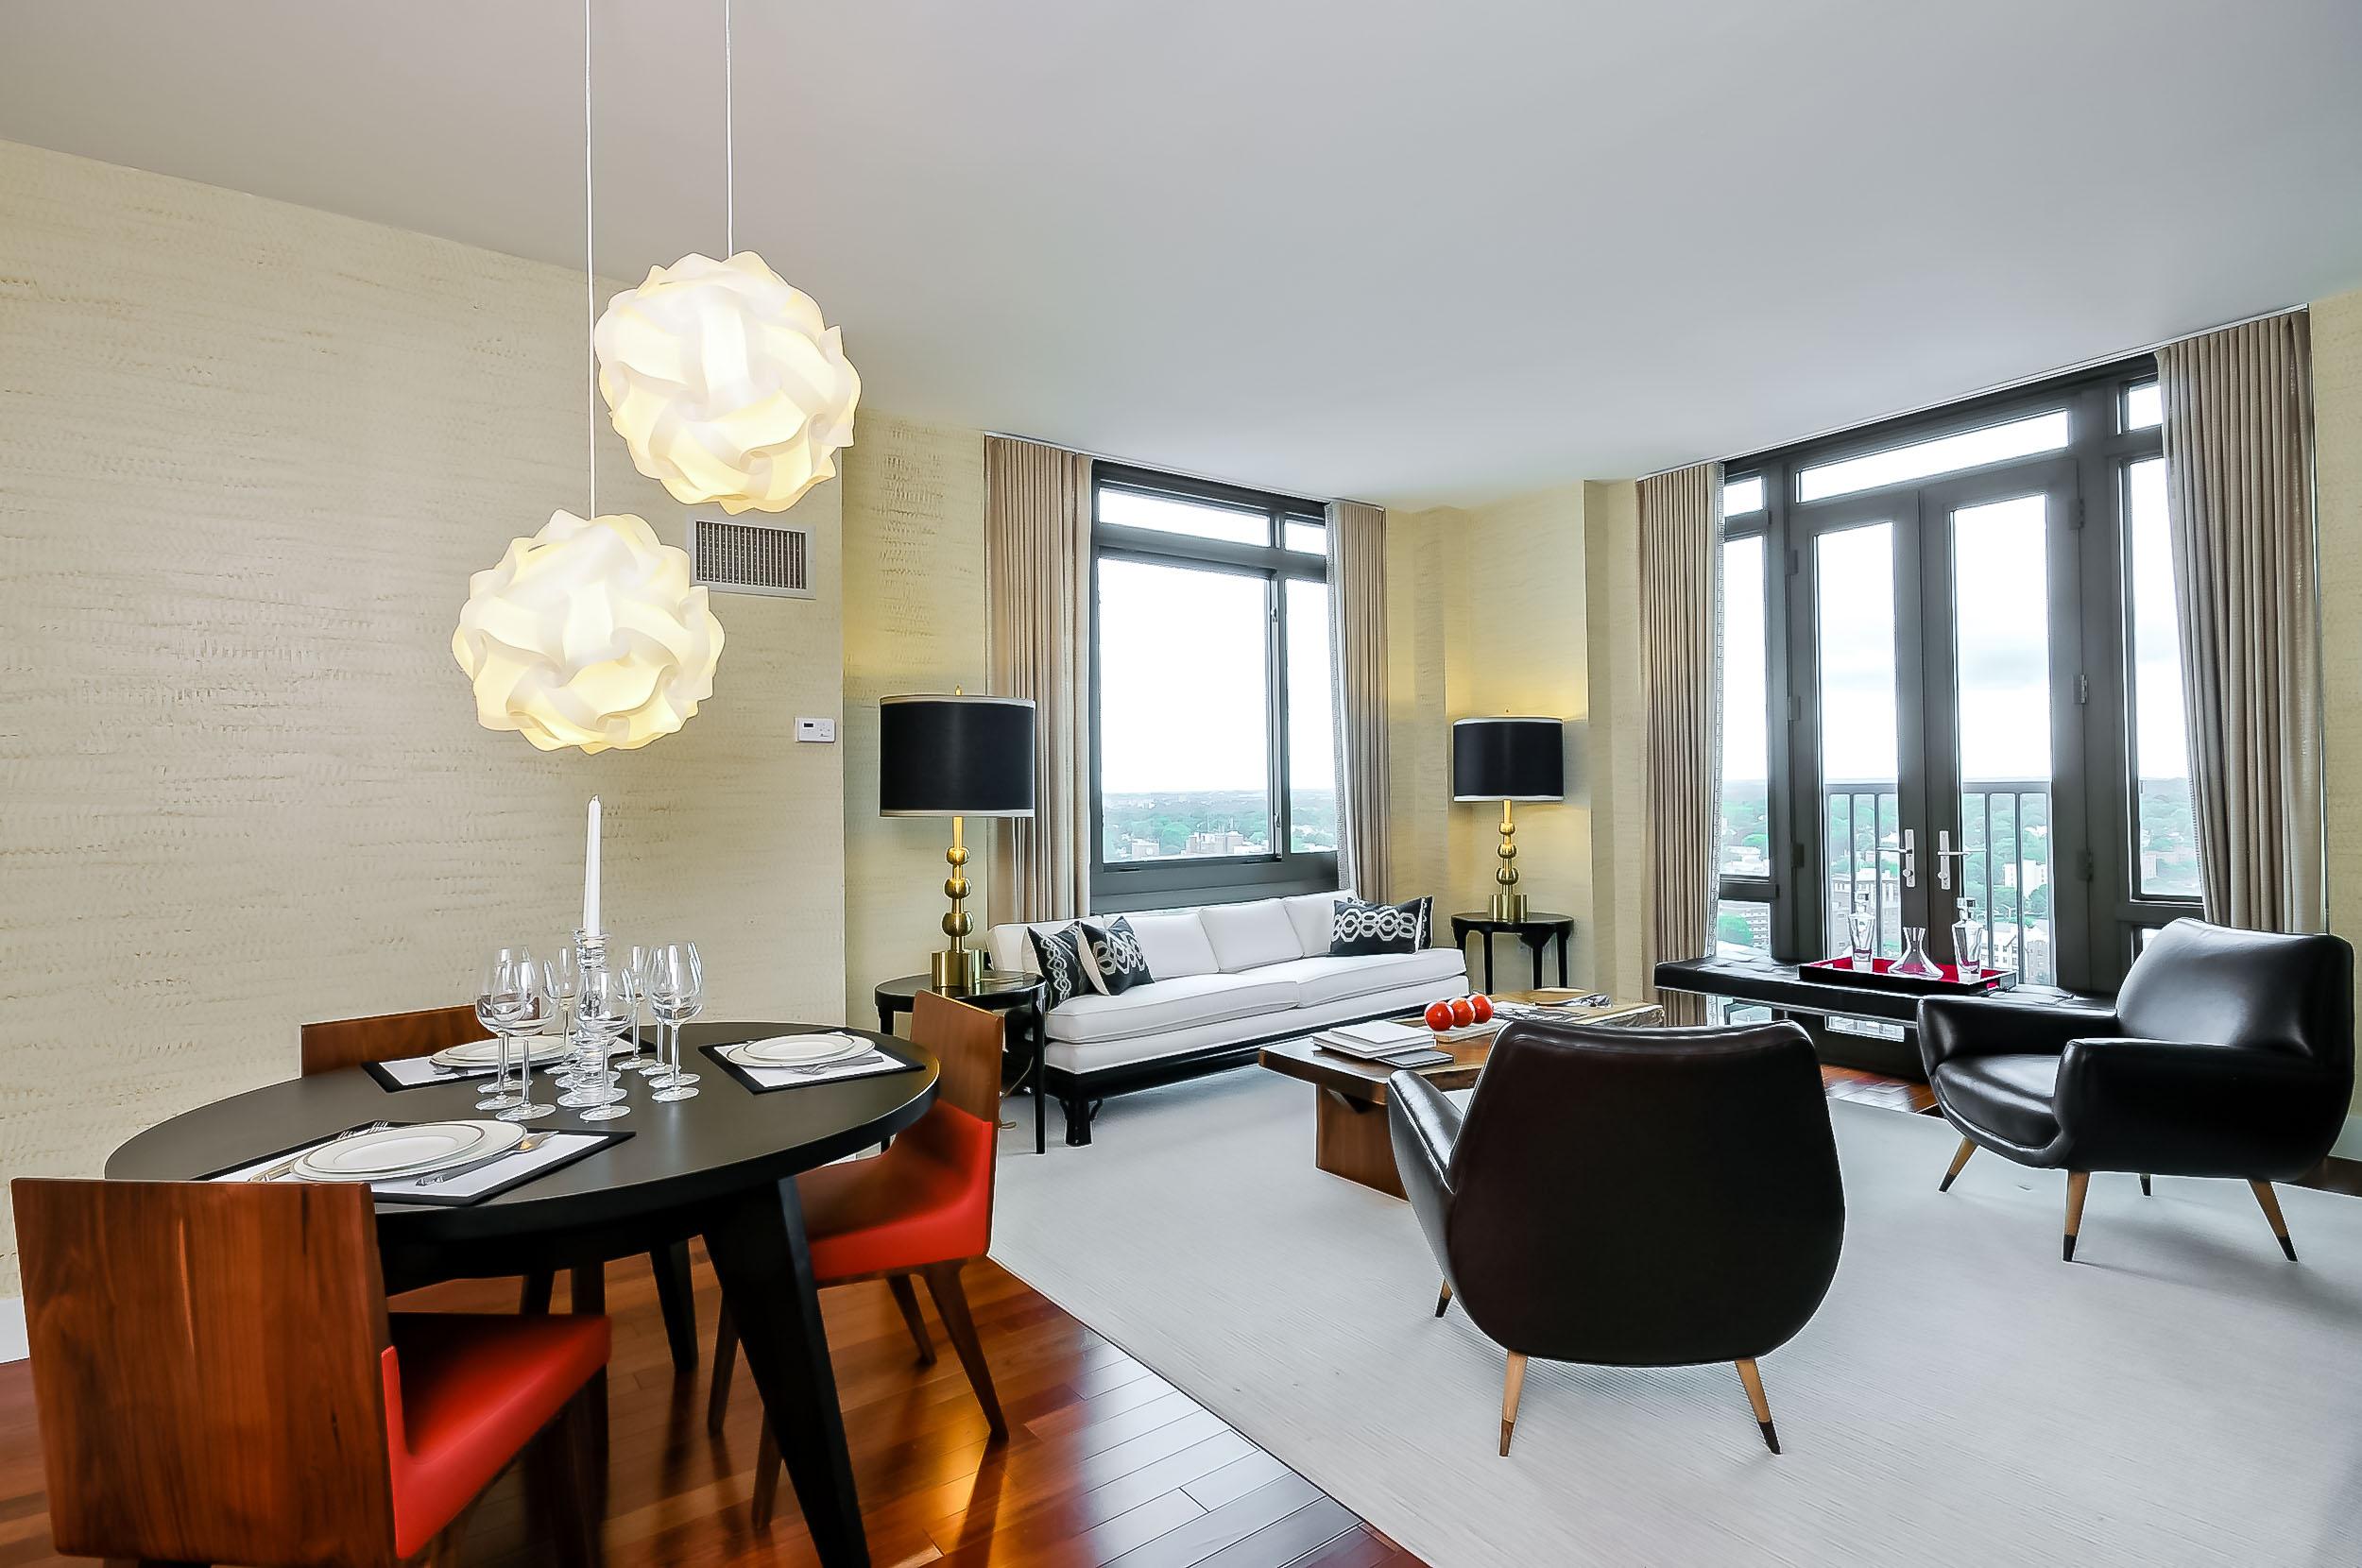 Luxury Condo for rent in Trump Plaza New Rochelle